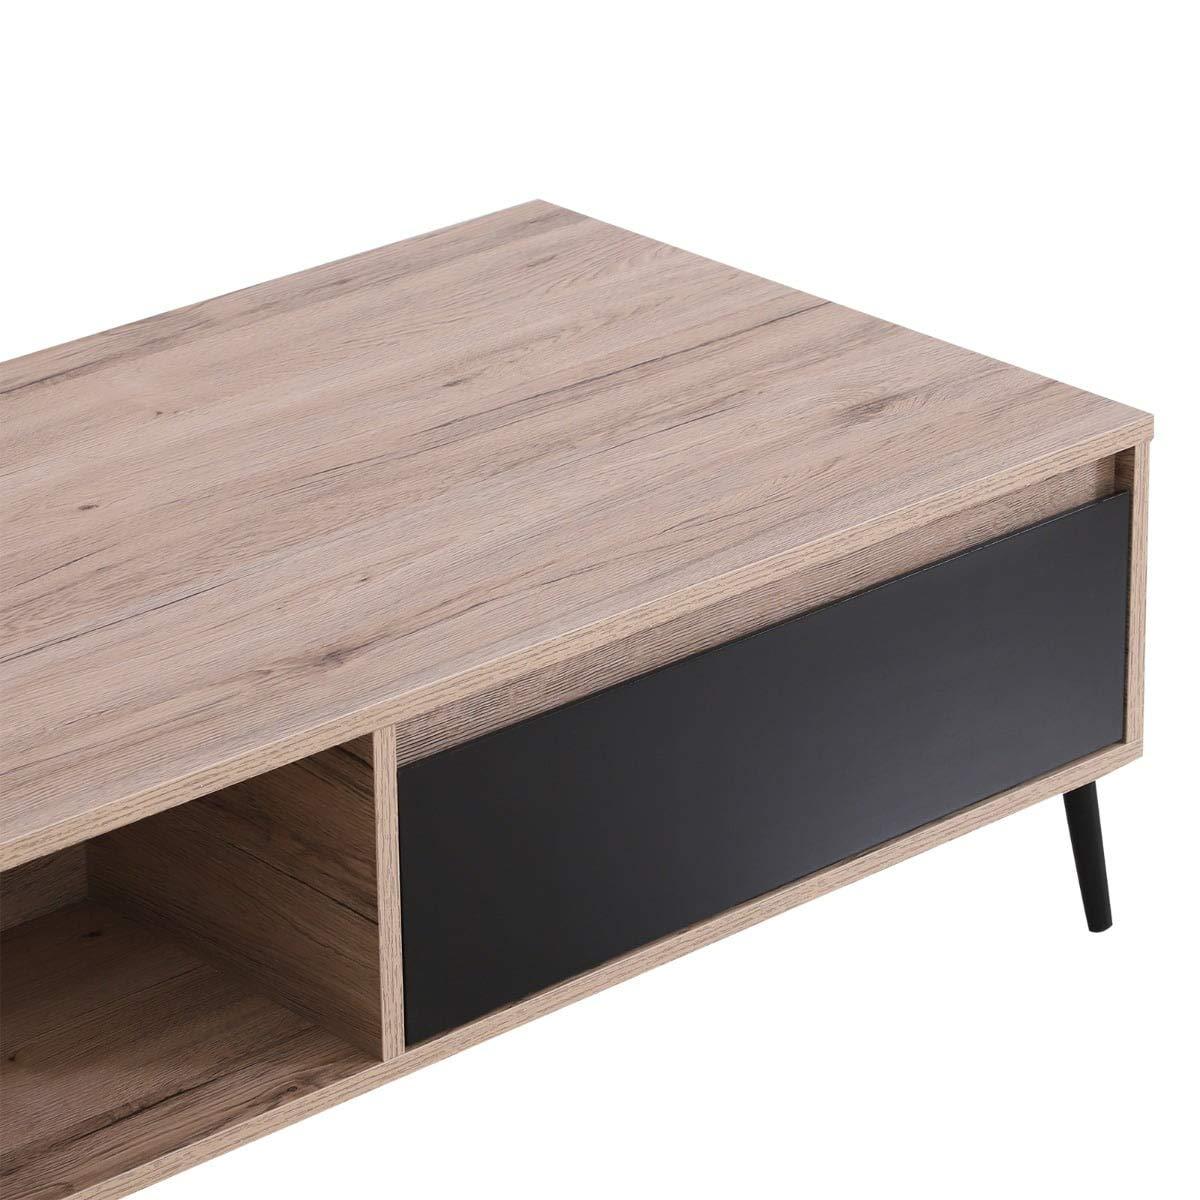 benzoni Tavolino da caff/è per Soggiorno con Cassetto Rovere e Nero 120x56x35 cm